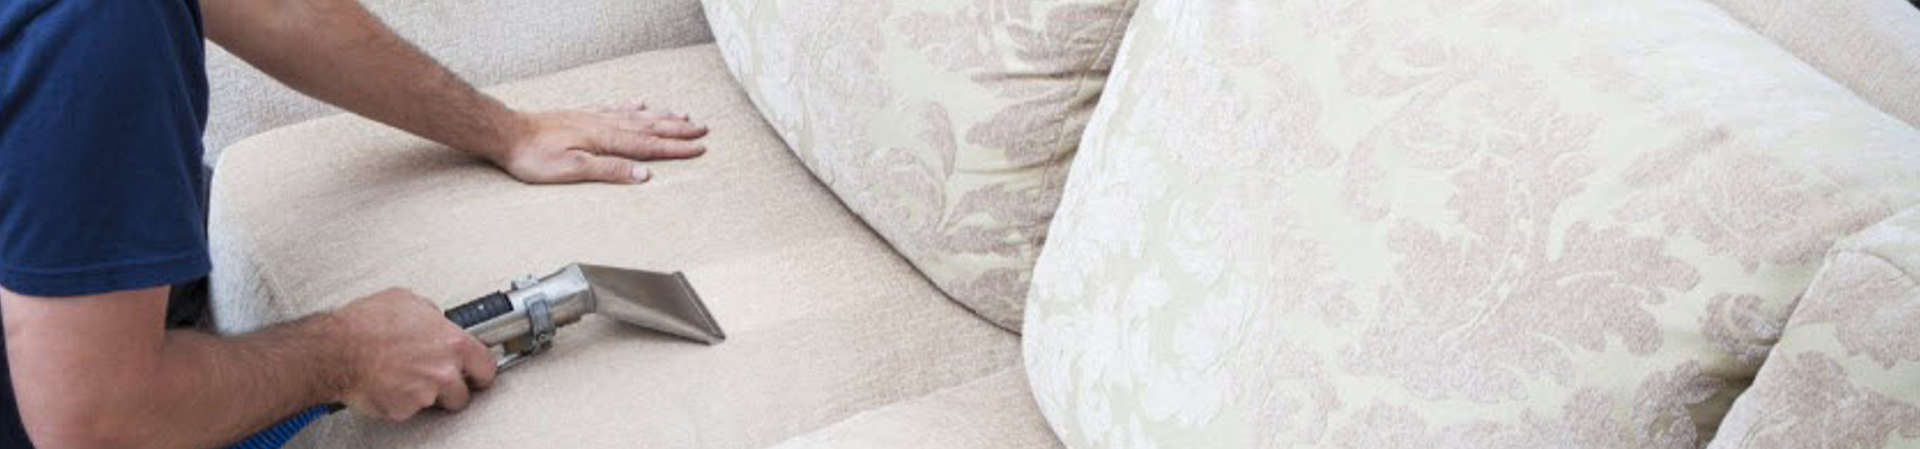 10 mejores empresas limpieza de sof s a domicilio